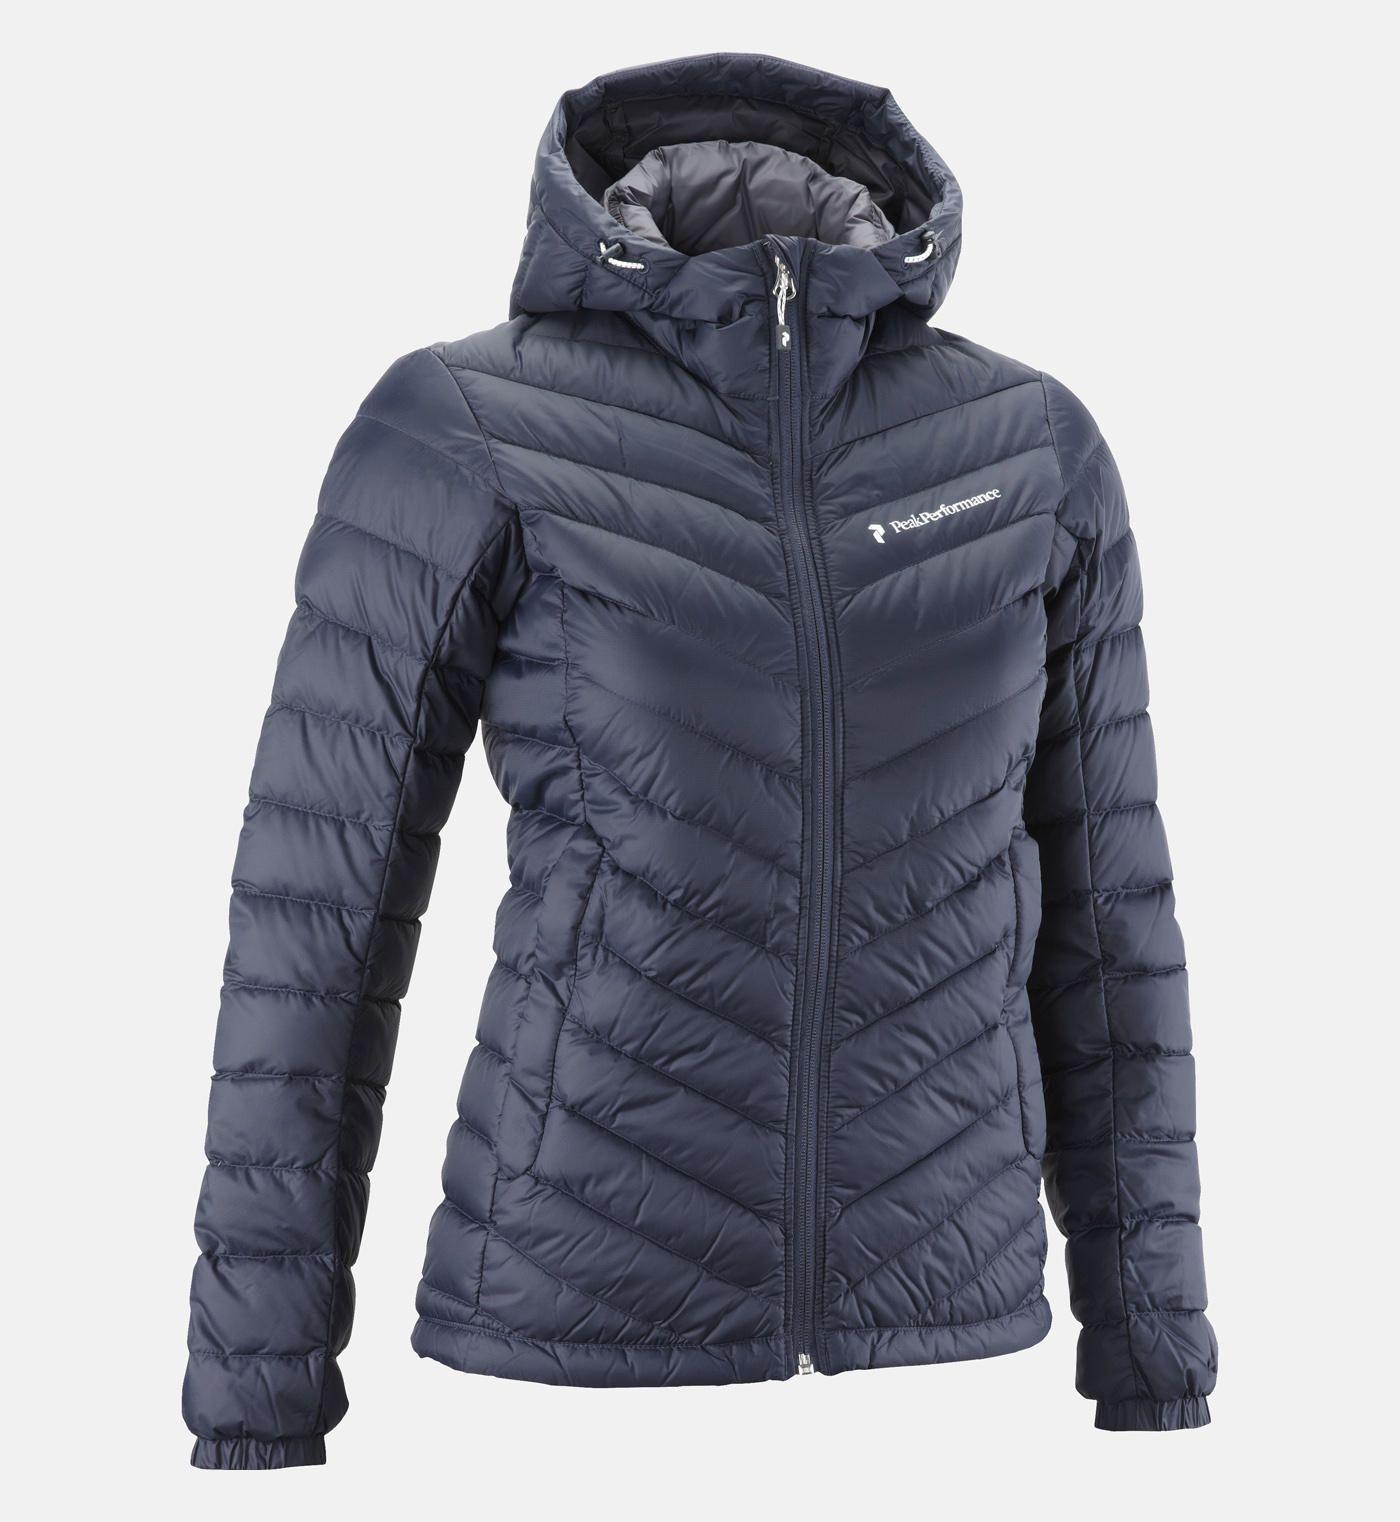 Women's Frost Active Down Jacket Hooded Peak Wear 4LqRj5A3